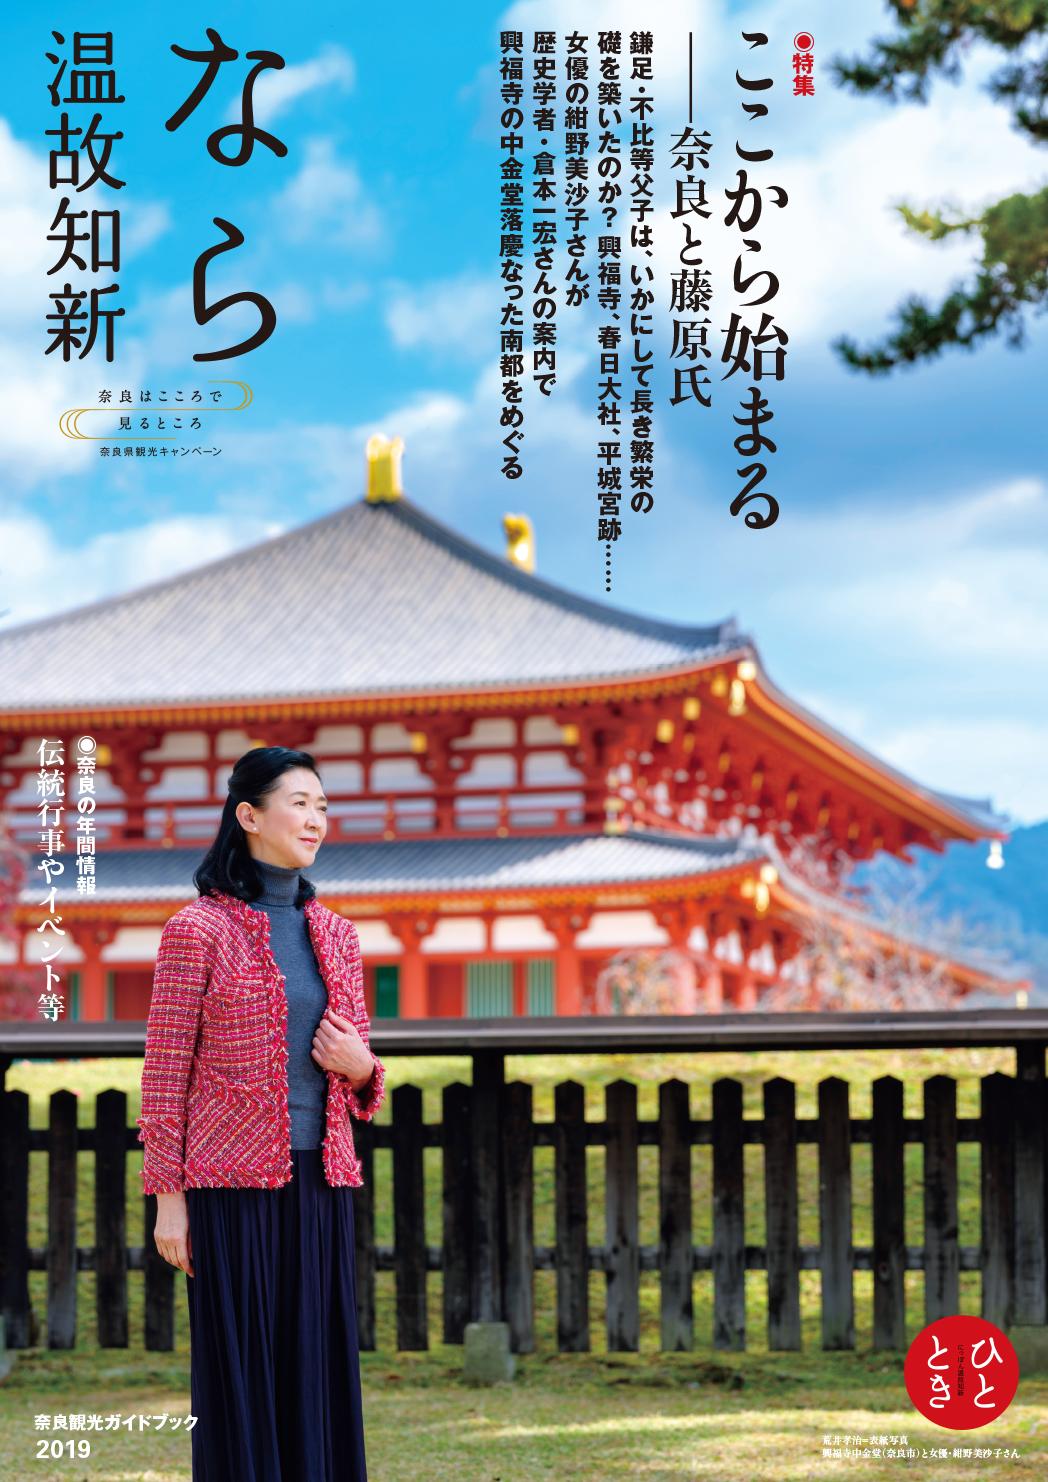 なら 温故知新-奈良観光ガイドブック2019-